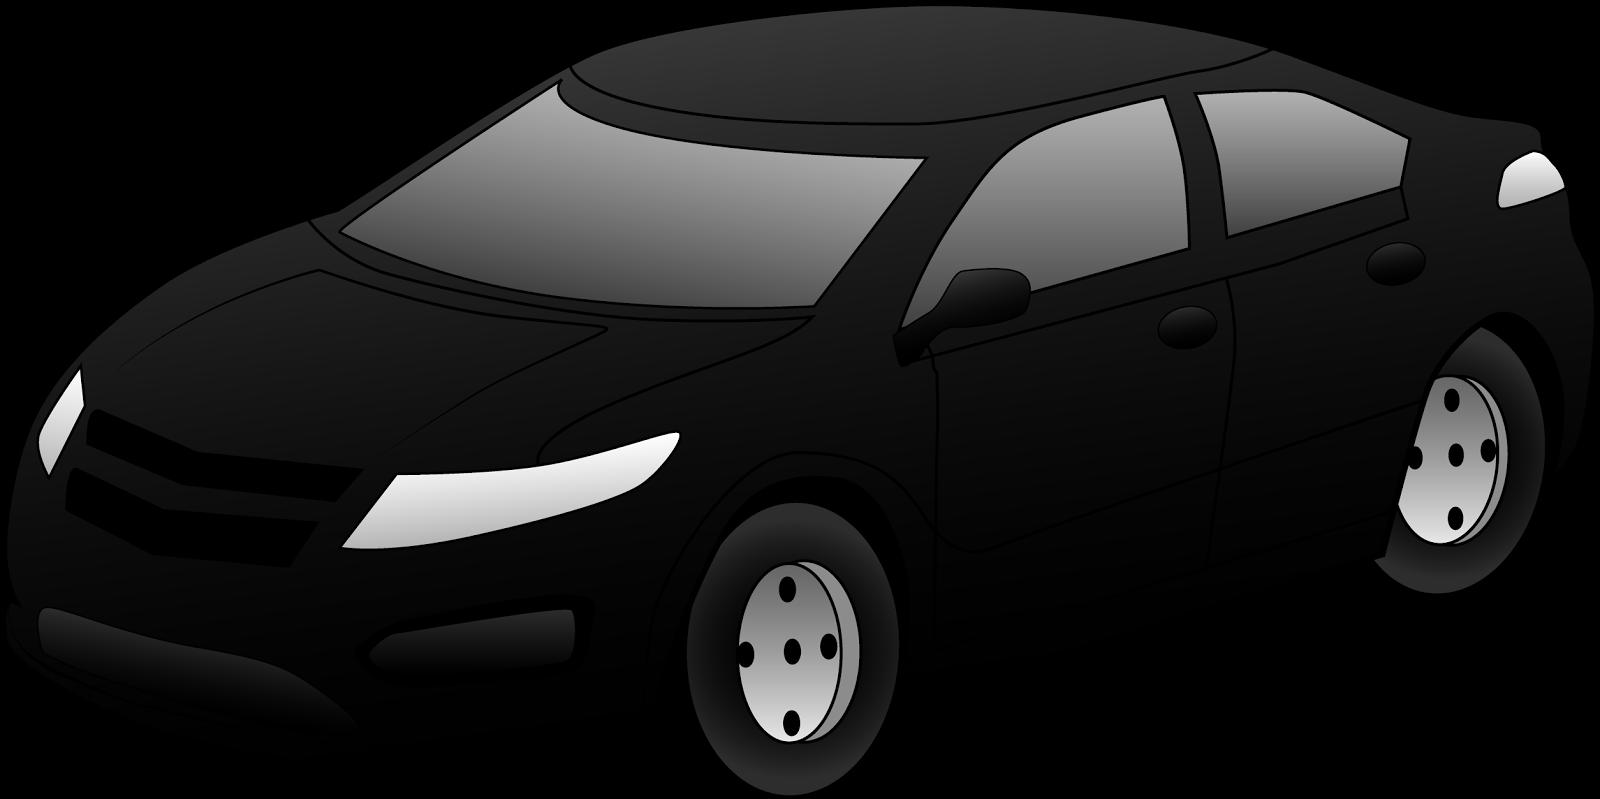 Clipart cars family car. Company